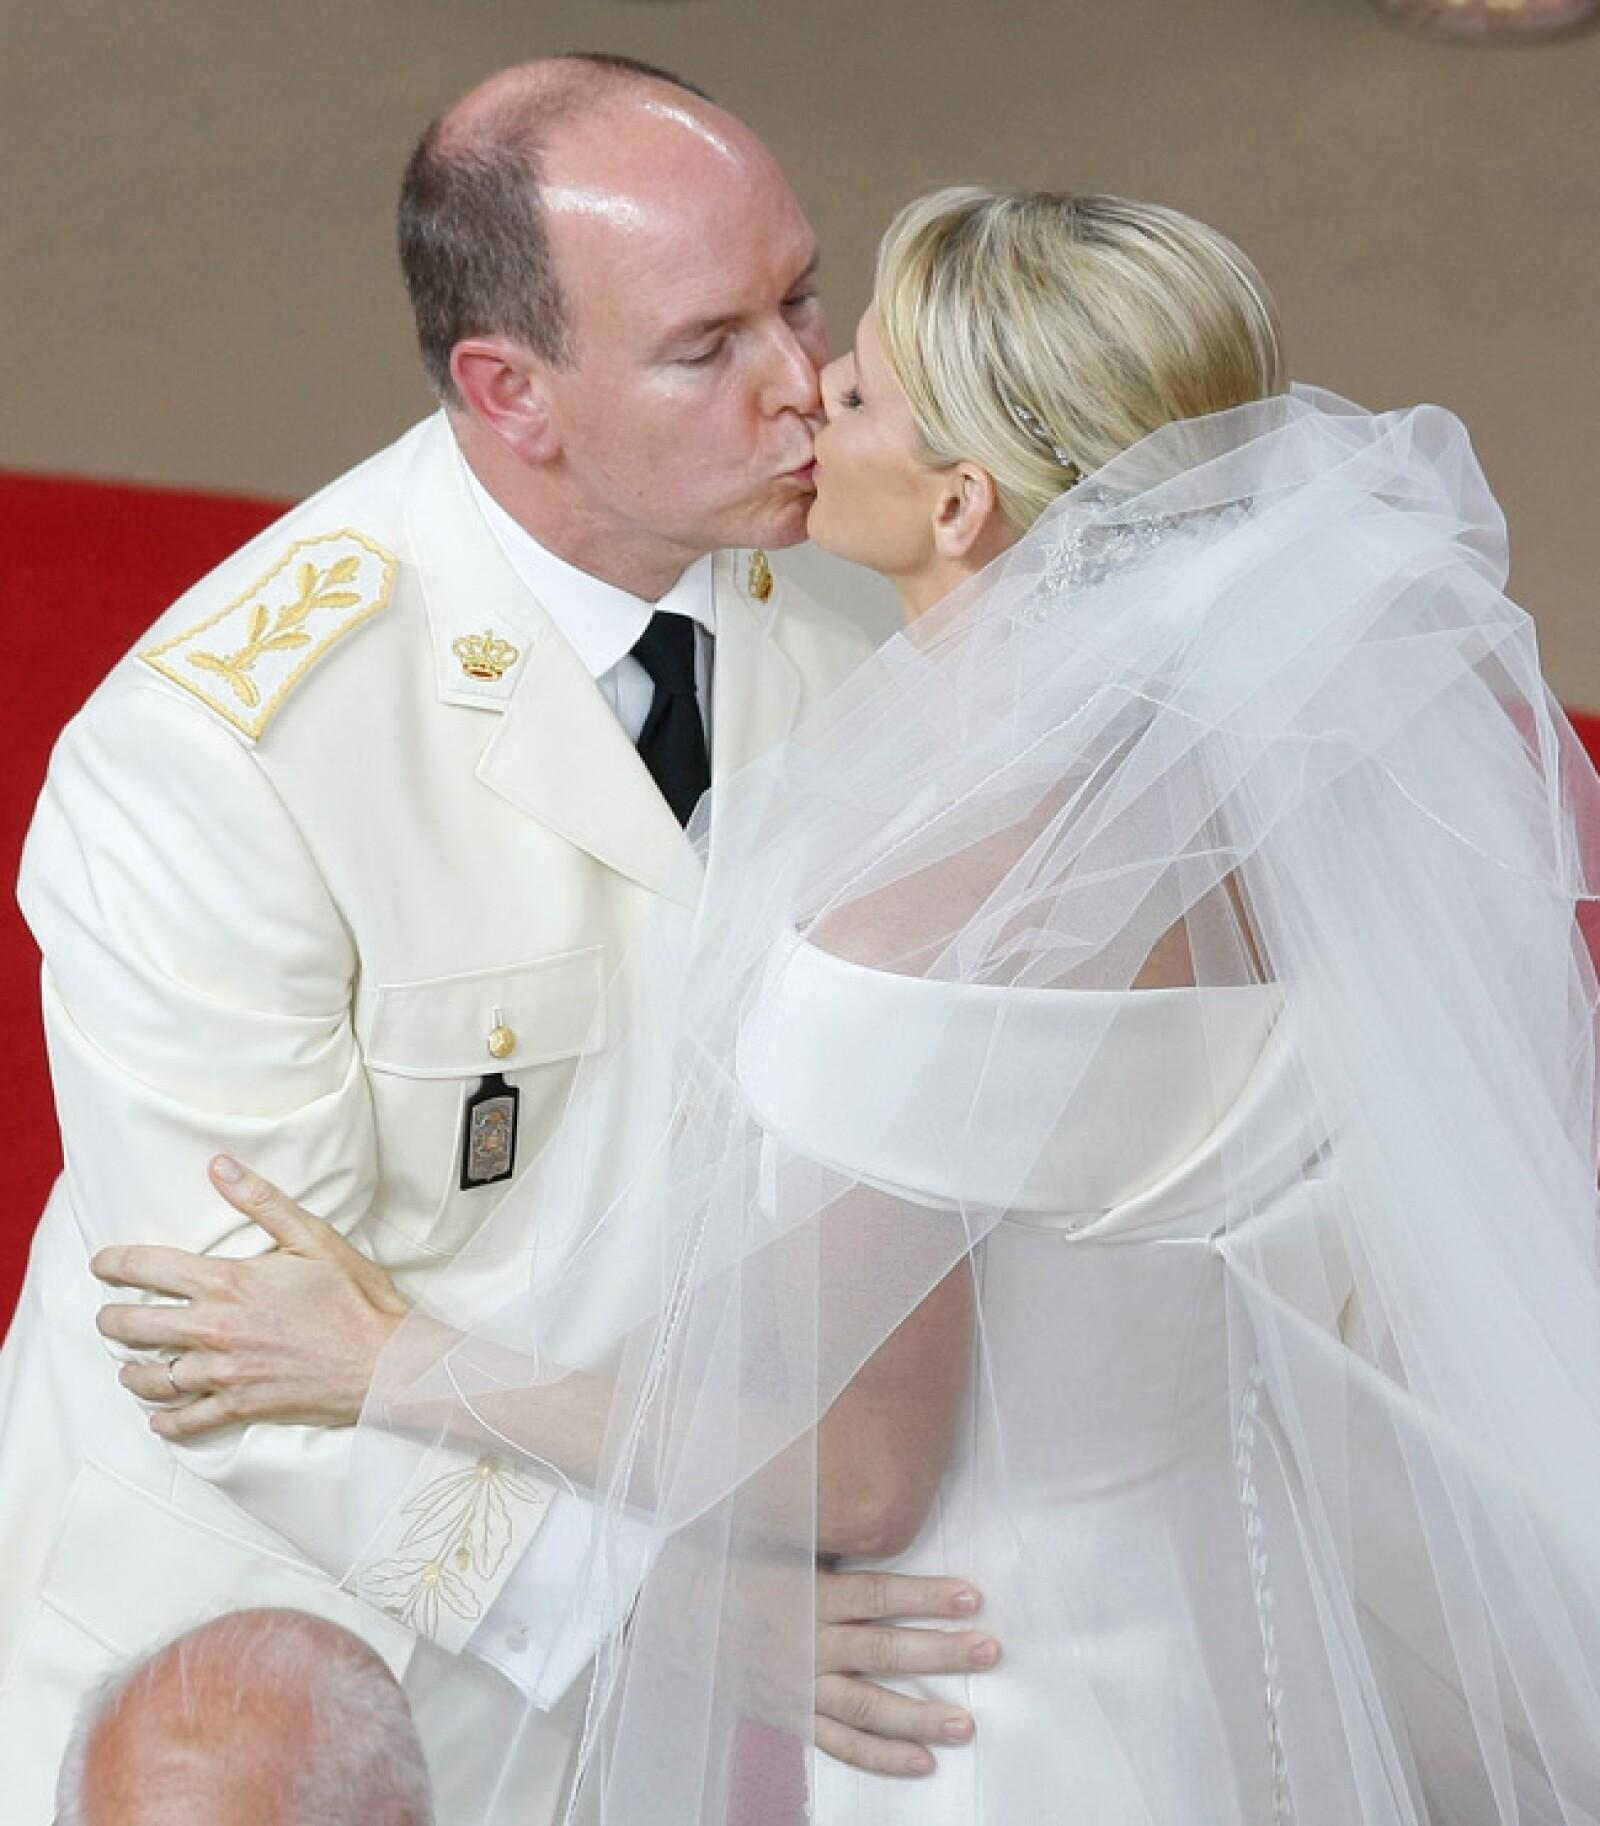 Otra imagen del beso, por si no fue suficiente la anterior.